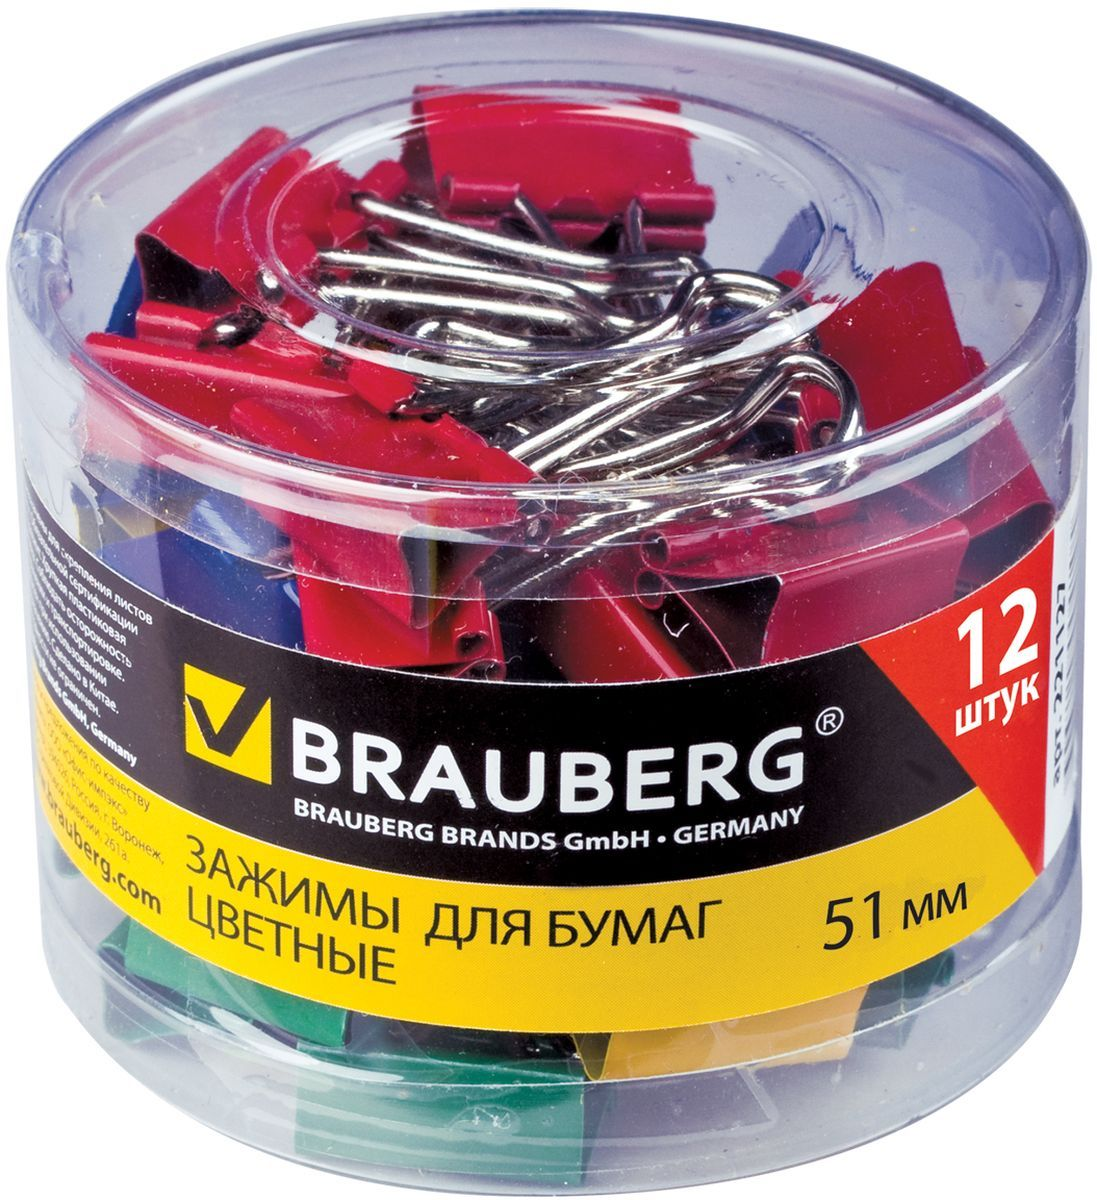 Brauberg Зажим для бумаг ширина 51 мм 12 штCS-MC400-106715Зажим для бумаг Brauberg предназначен для скрепления бумажных документов без использования степлера.В упаковке 12 зажимов разных цветов. Зажим выполнен из стали. Они надежно и легко скрепляют, не деформируют бумагу, не оставляют на ней следов.